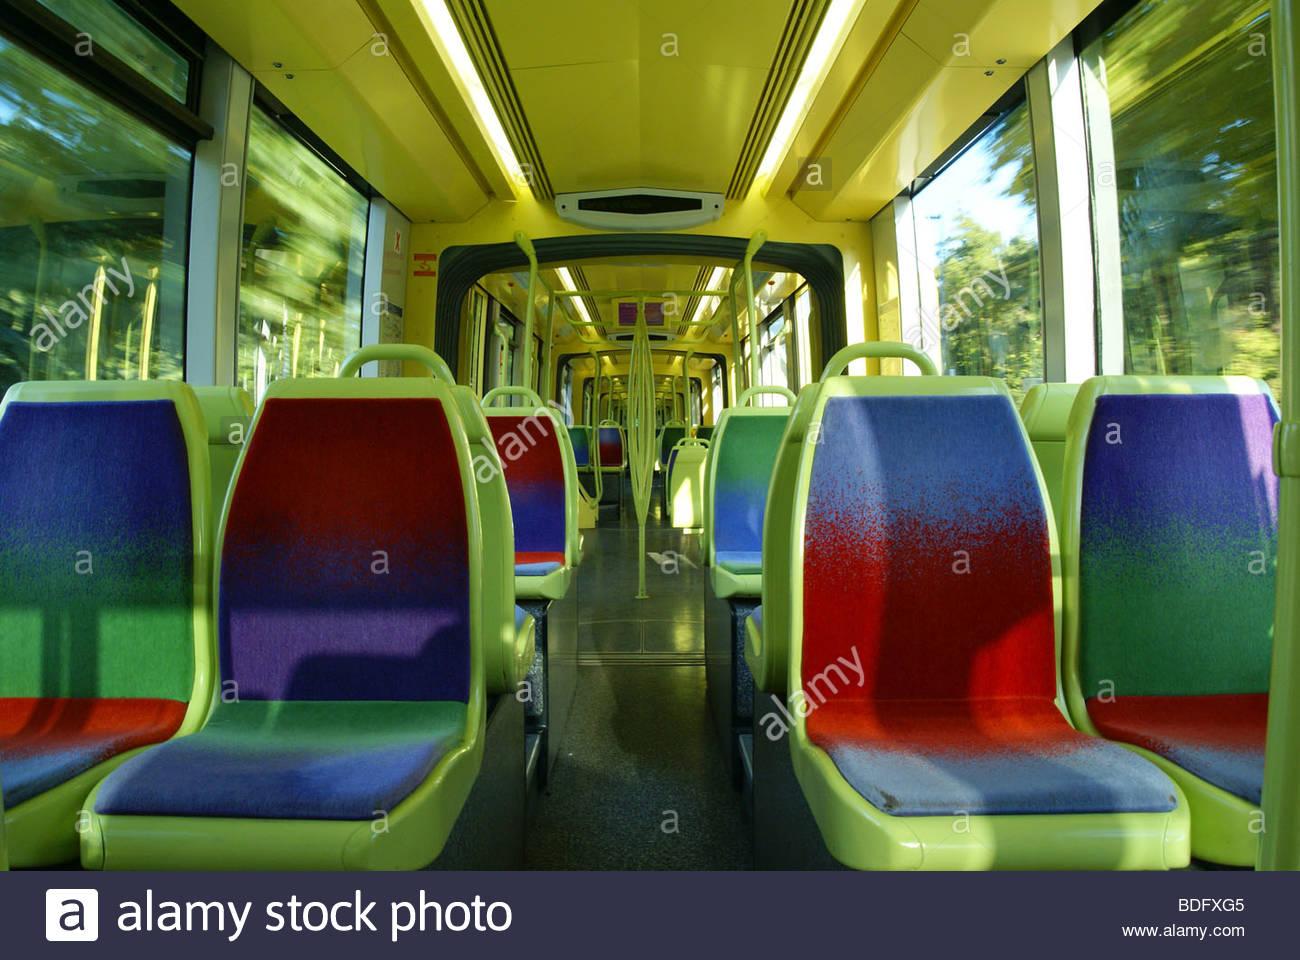 Transporte público: el tranvía Imagen De Stock